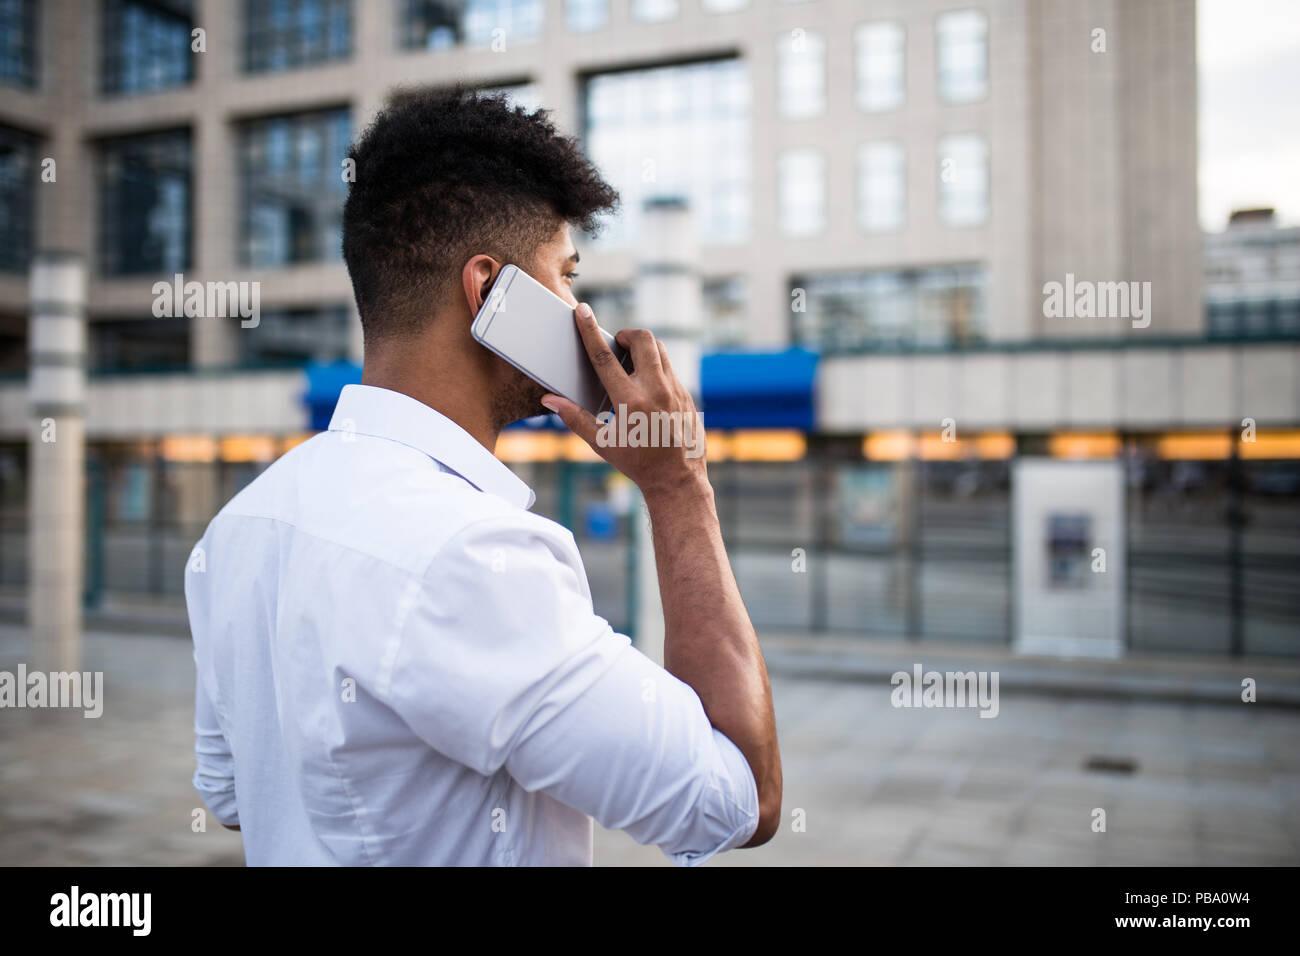 Beau jeune homme afro-américain debout devant d'énormes capacités d'affaires moderne; sourire et parler sur téléphone mobile. Photo Stock